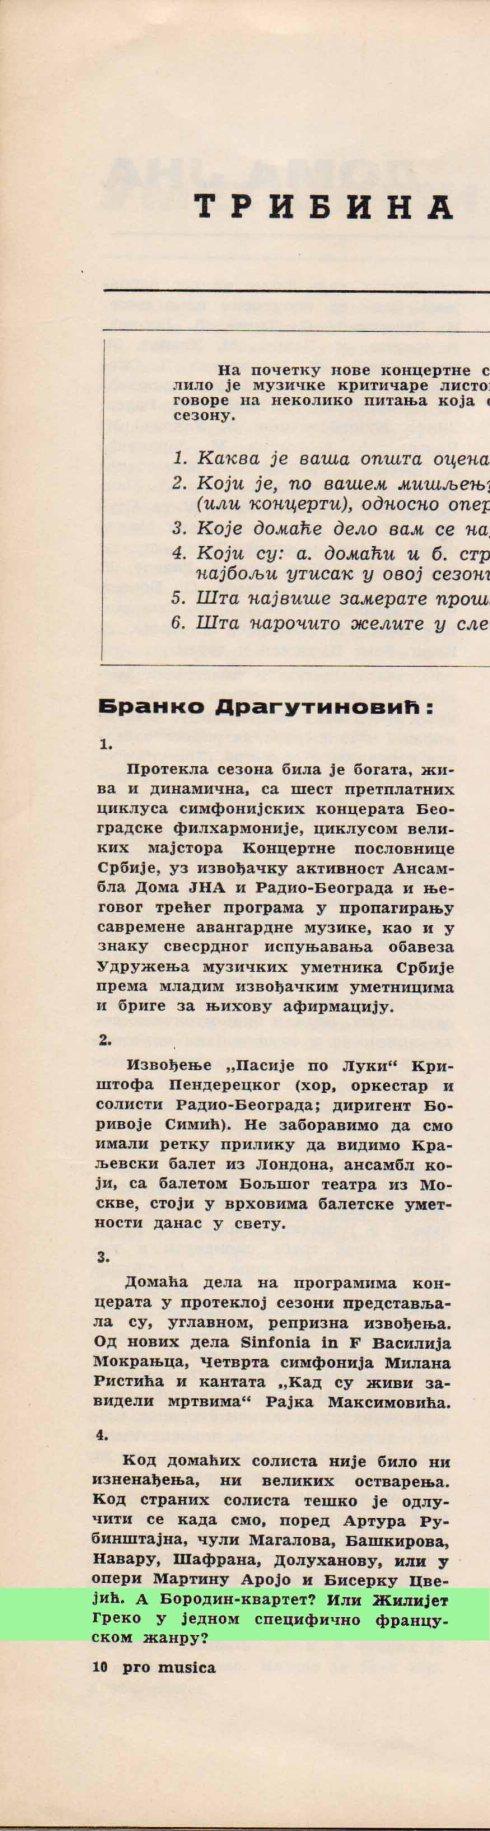 JULIETTE GRECO Beograd 1966